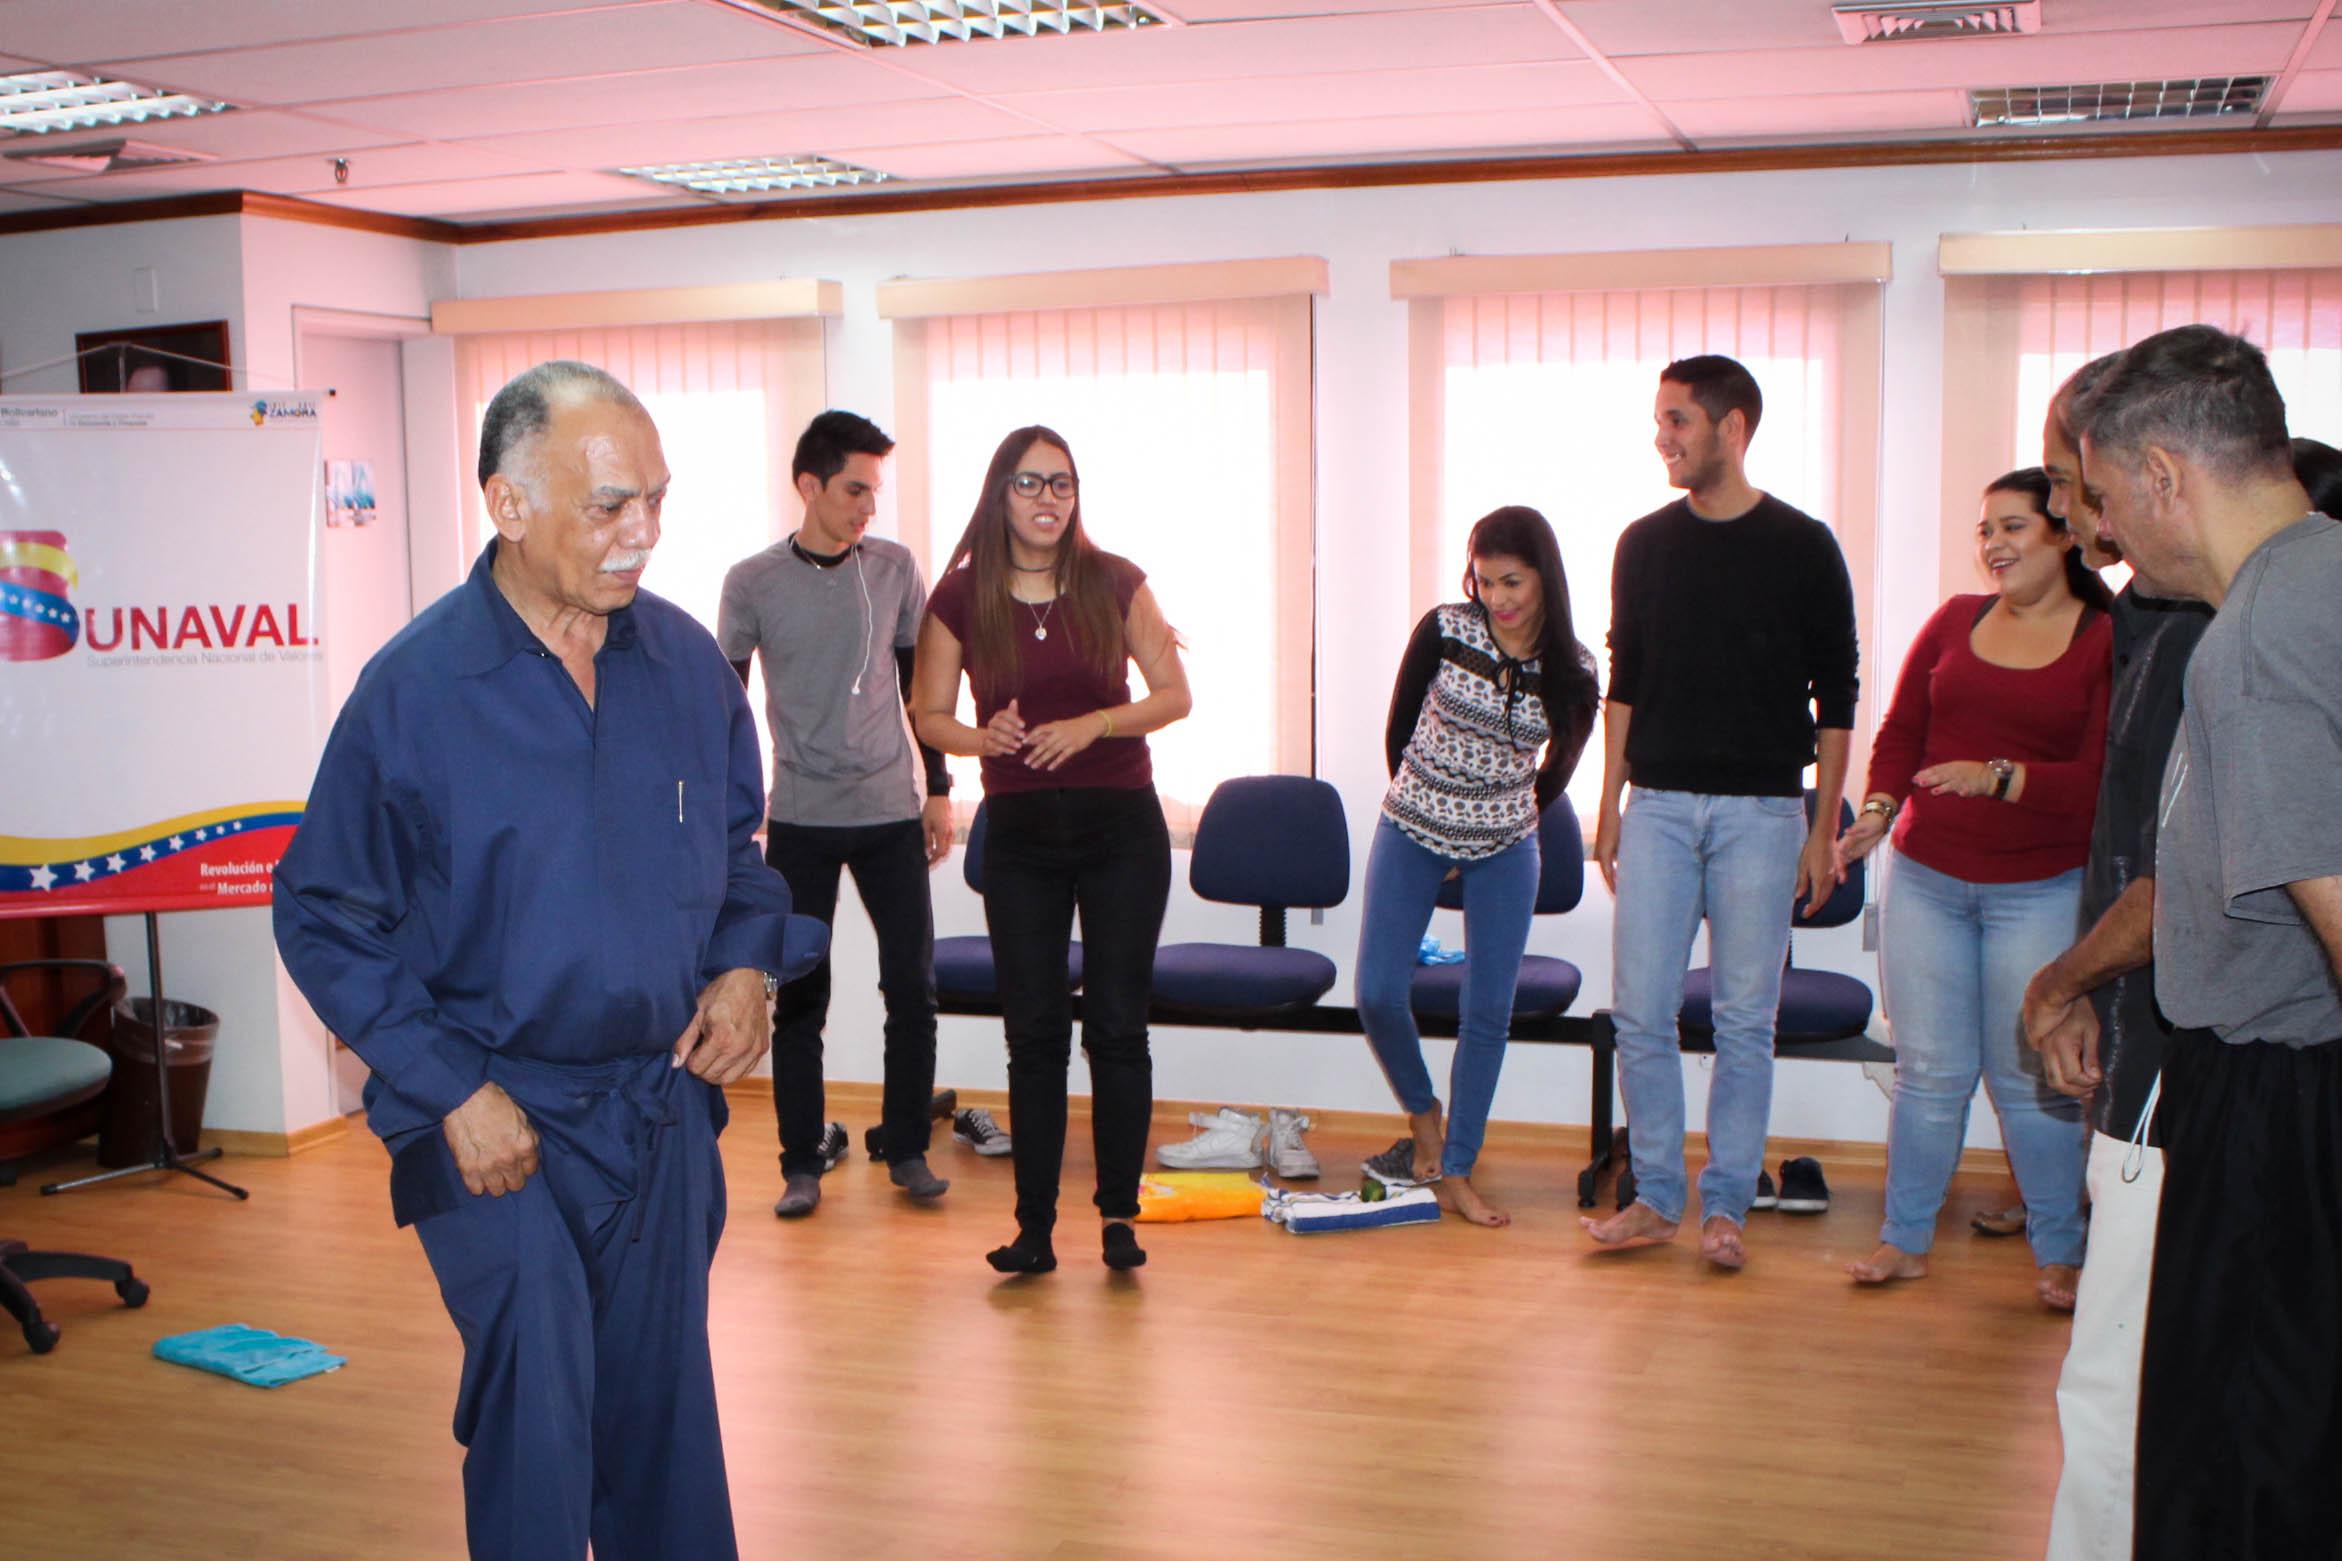 TSS presta apoyo a la SUNAVAL para la realización de taller sobre el manejo del estrés